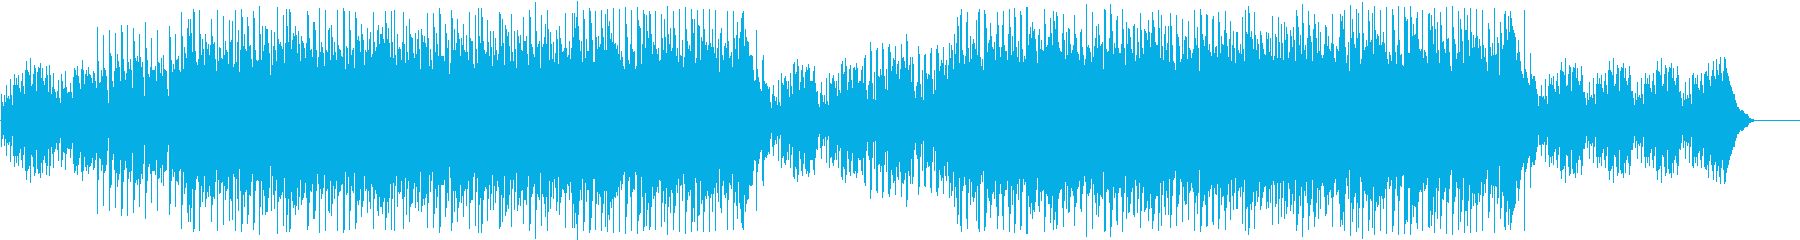 ドライブに合うアコースティックなBGMの再生済みの波形